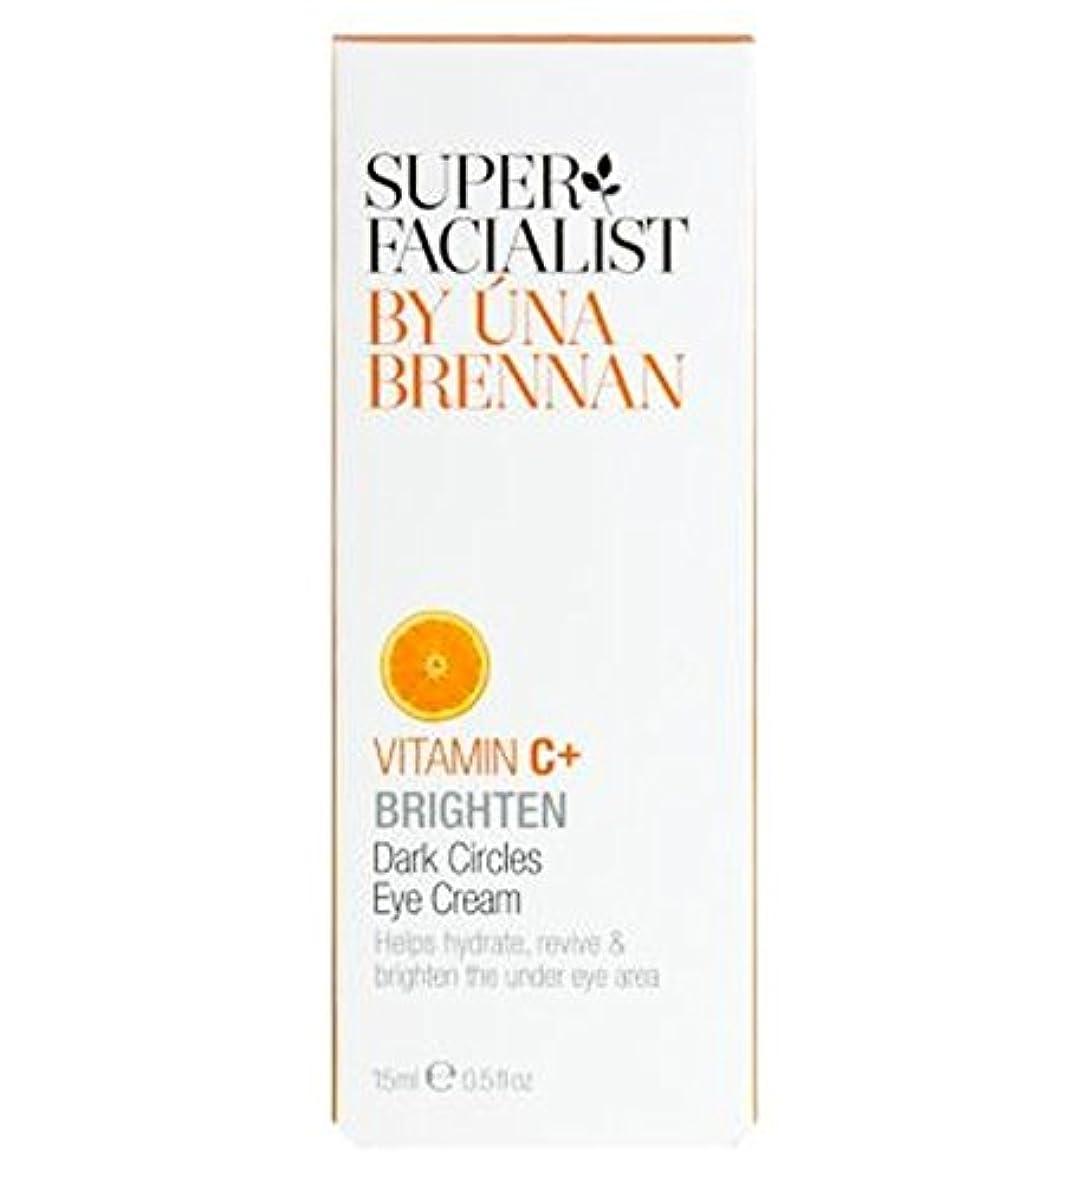 倍増別れる視力SuperfacialistビタミンC +くまアイクリーム15ミリリットル (Superfacialist) (x2) - Superfacialist Vitamin C+ Dark Circles Eye Cream 15ml (Pack of 2) [並行輸入品]